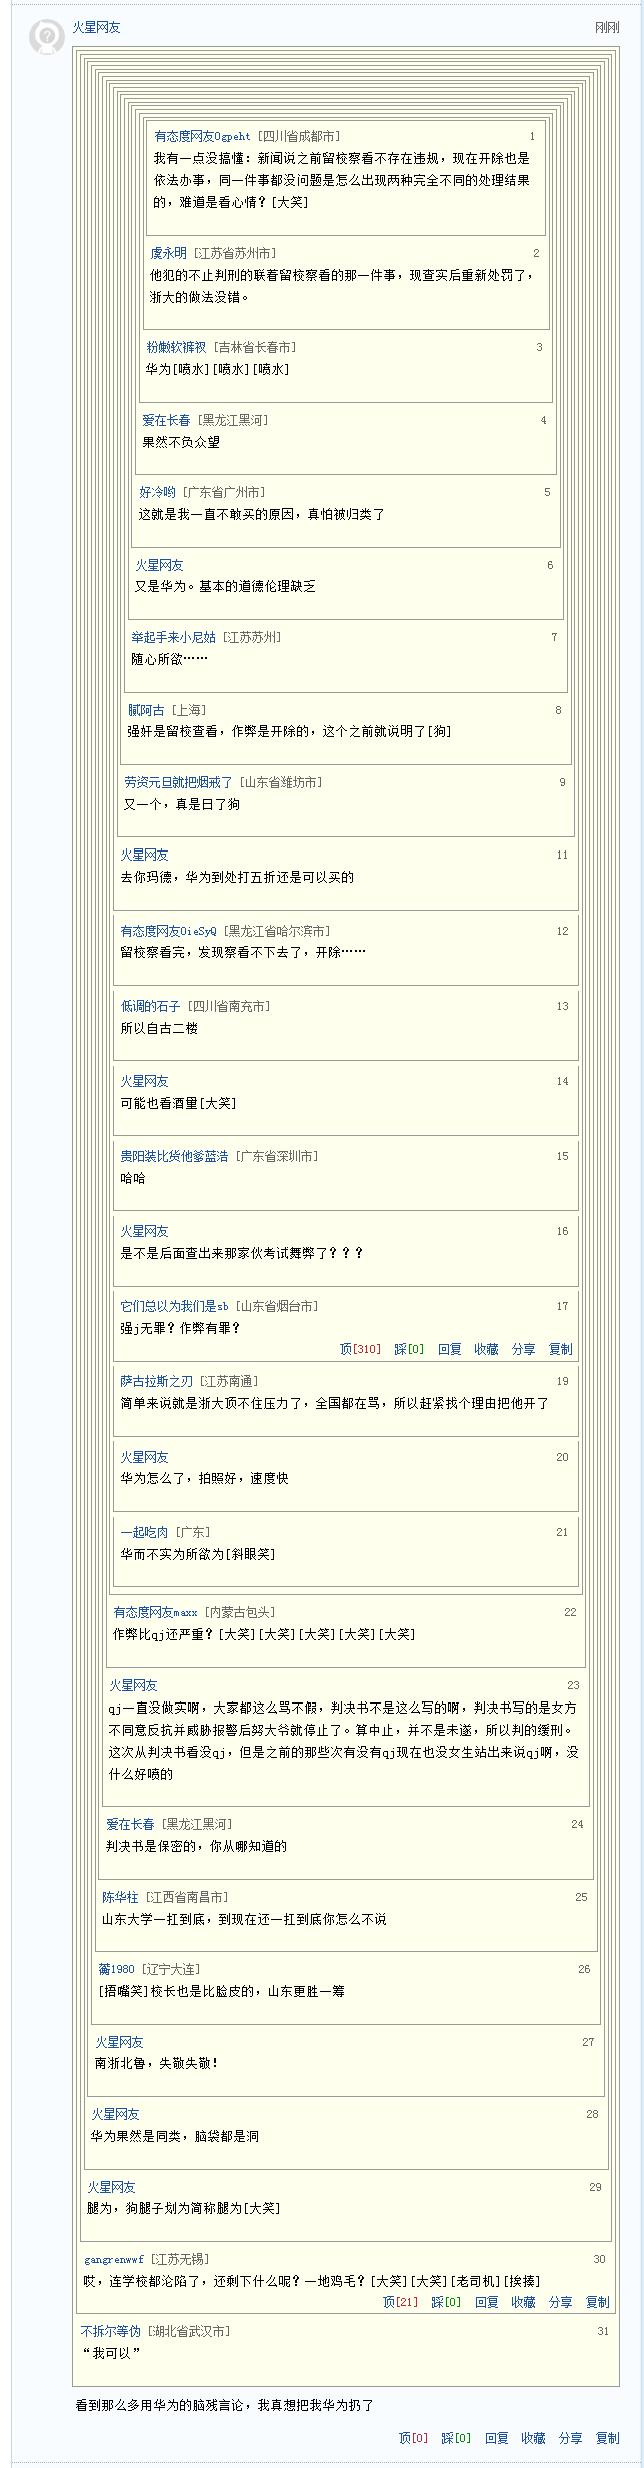 浙大深夜通报:犯强奸罪学生努某某被开除学籍网易评论